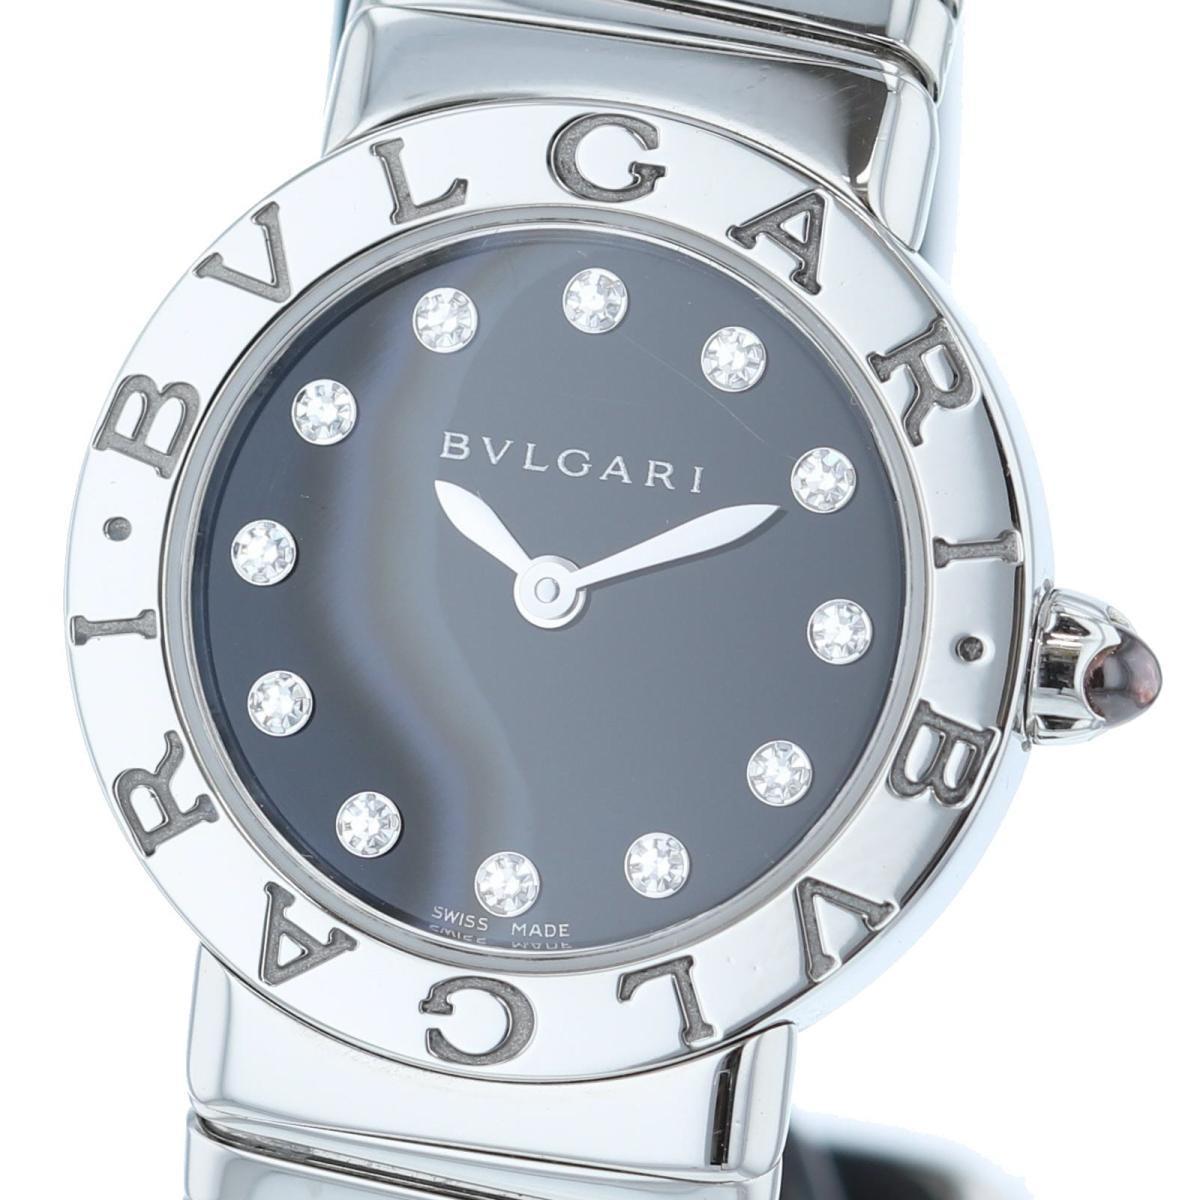 【お値下げ品】【中古】 BVLGARI (ブルガリ) トゥボガス 12P 26� 時計 クオーツ/レディース BVLGARI BVLGARI Black/ブラック BBL26 2TS used:A